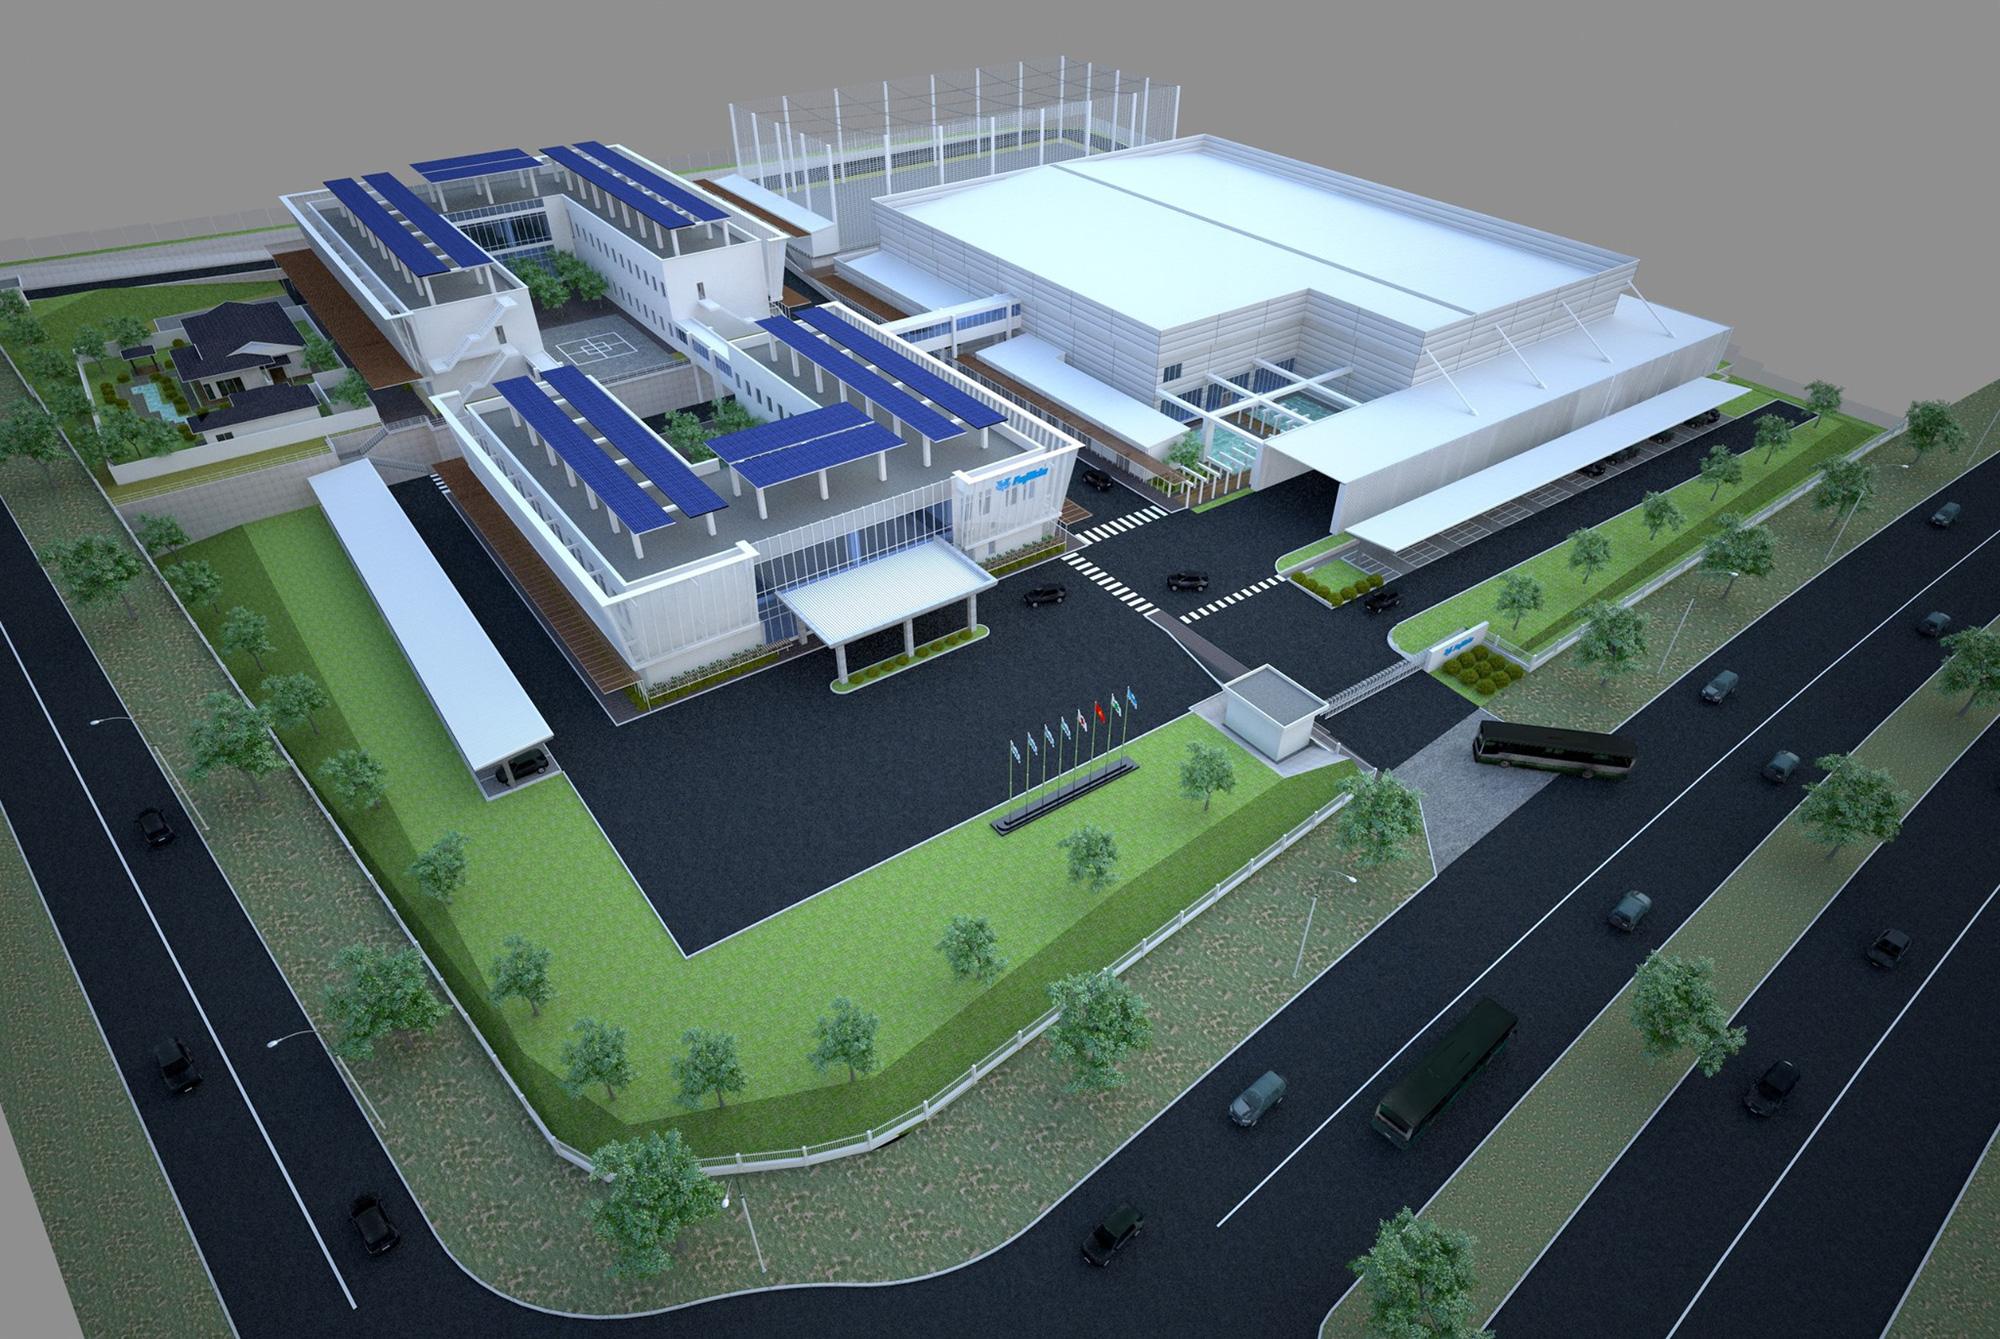 DN Nhật Bản khởi công dự án công nghệ cao 35 triệu USD tại Đà Nẵng - Ảnh 1.